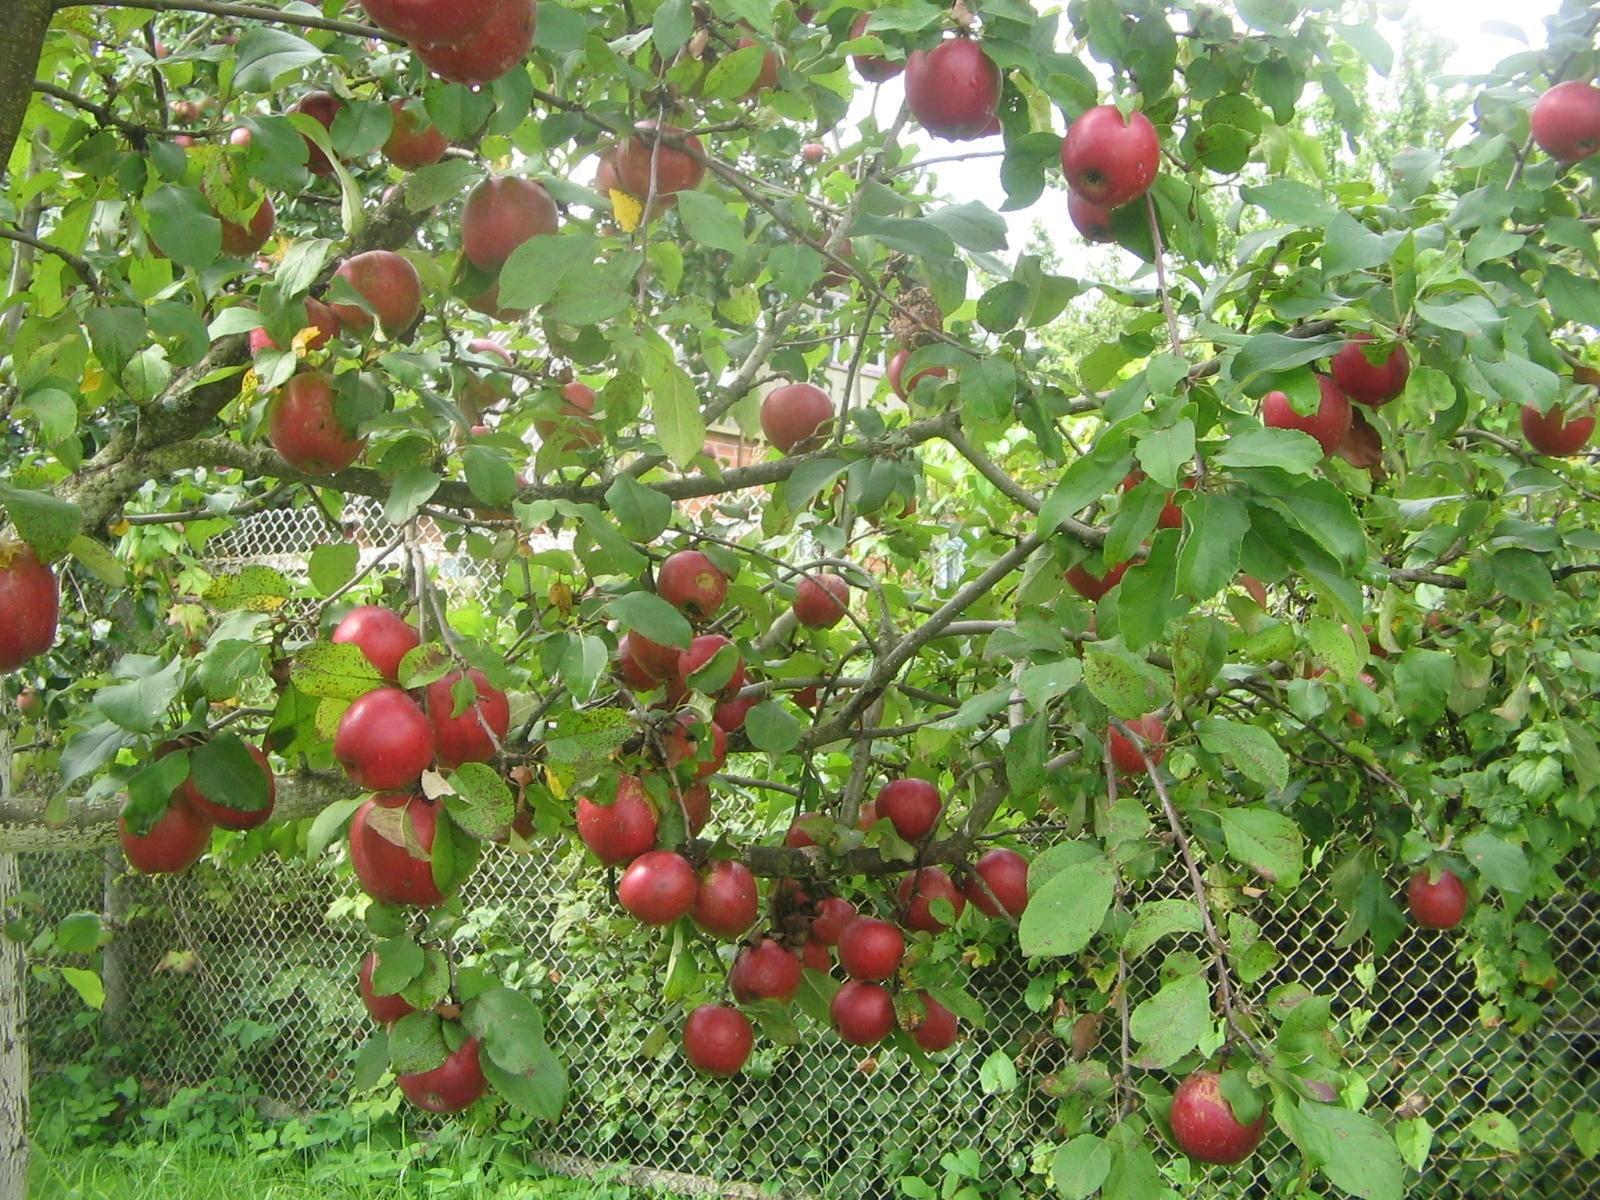 О яблоне коваленковское,описание, характеристики сорта,агротехника выращивания